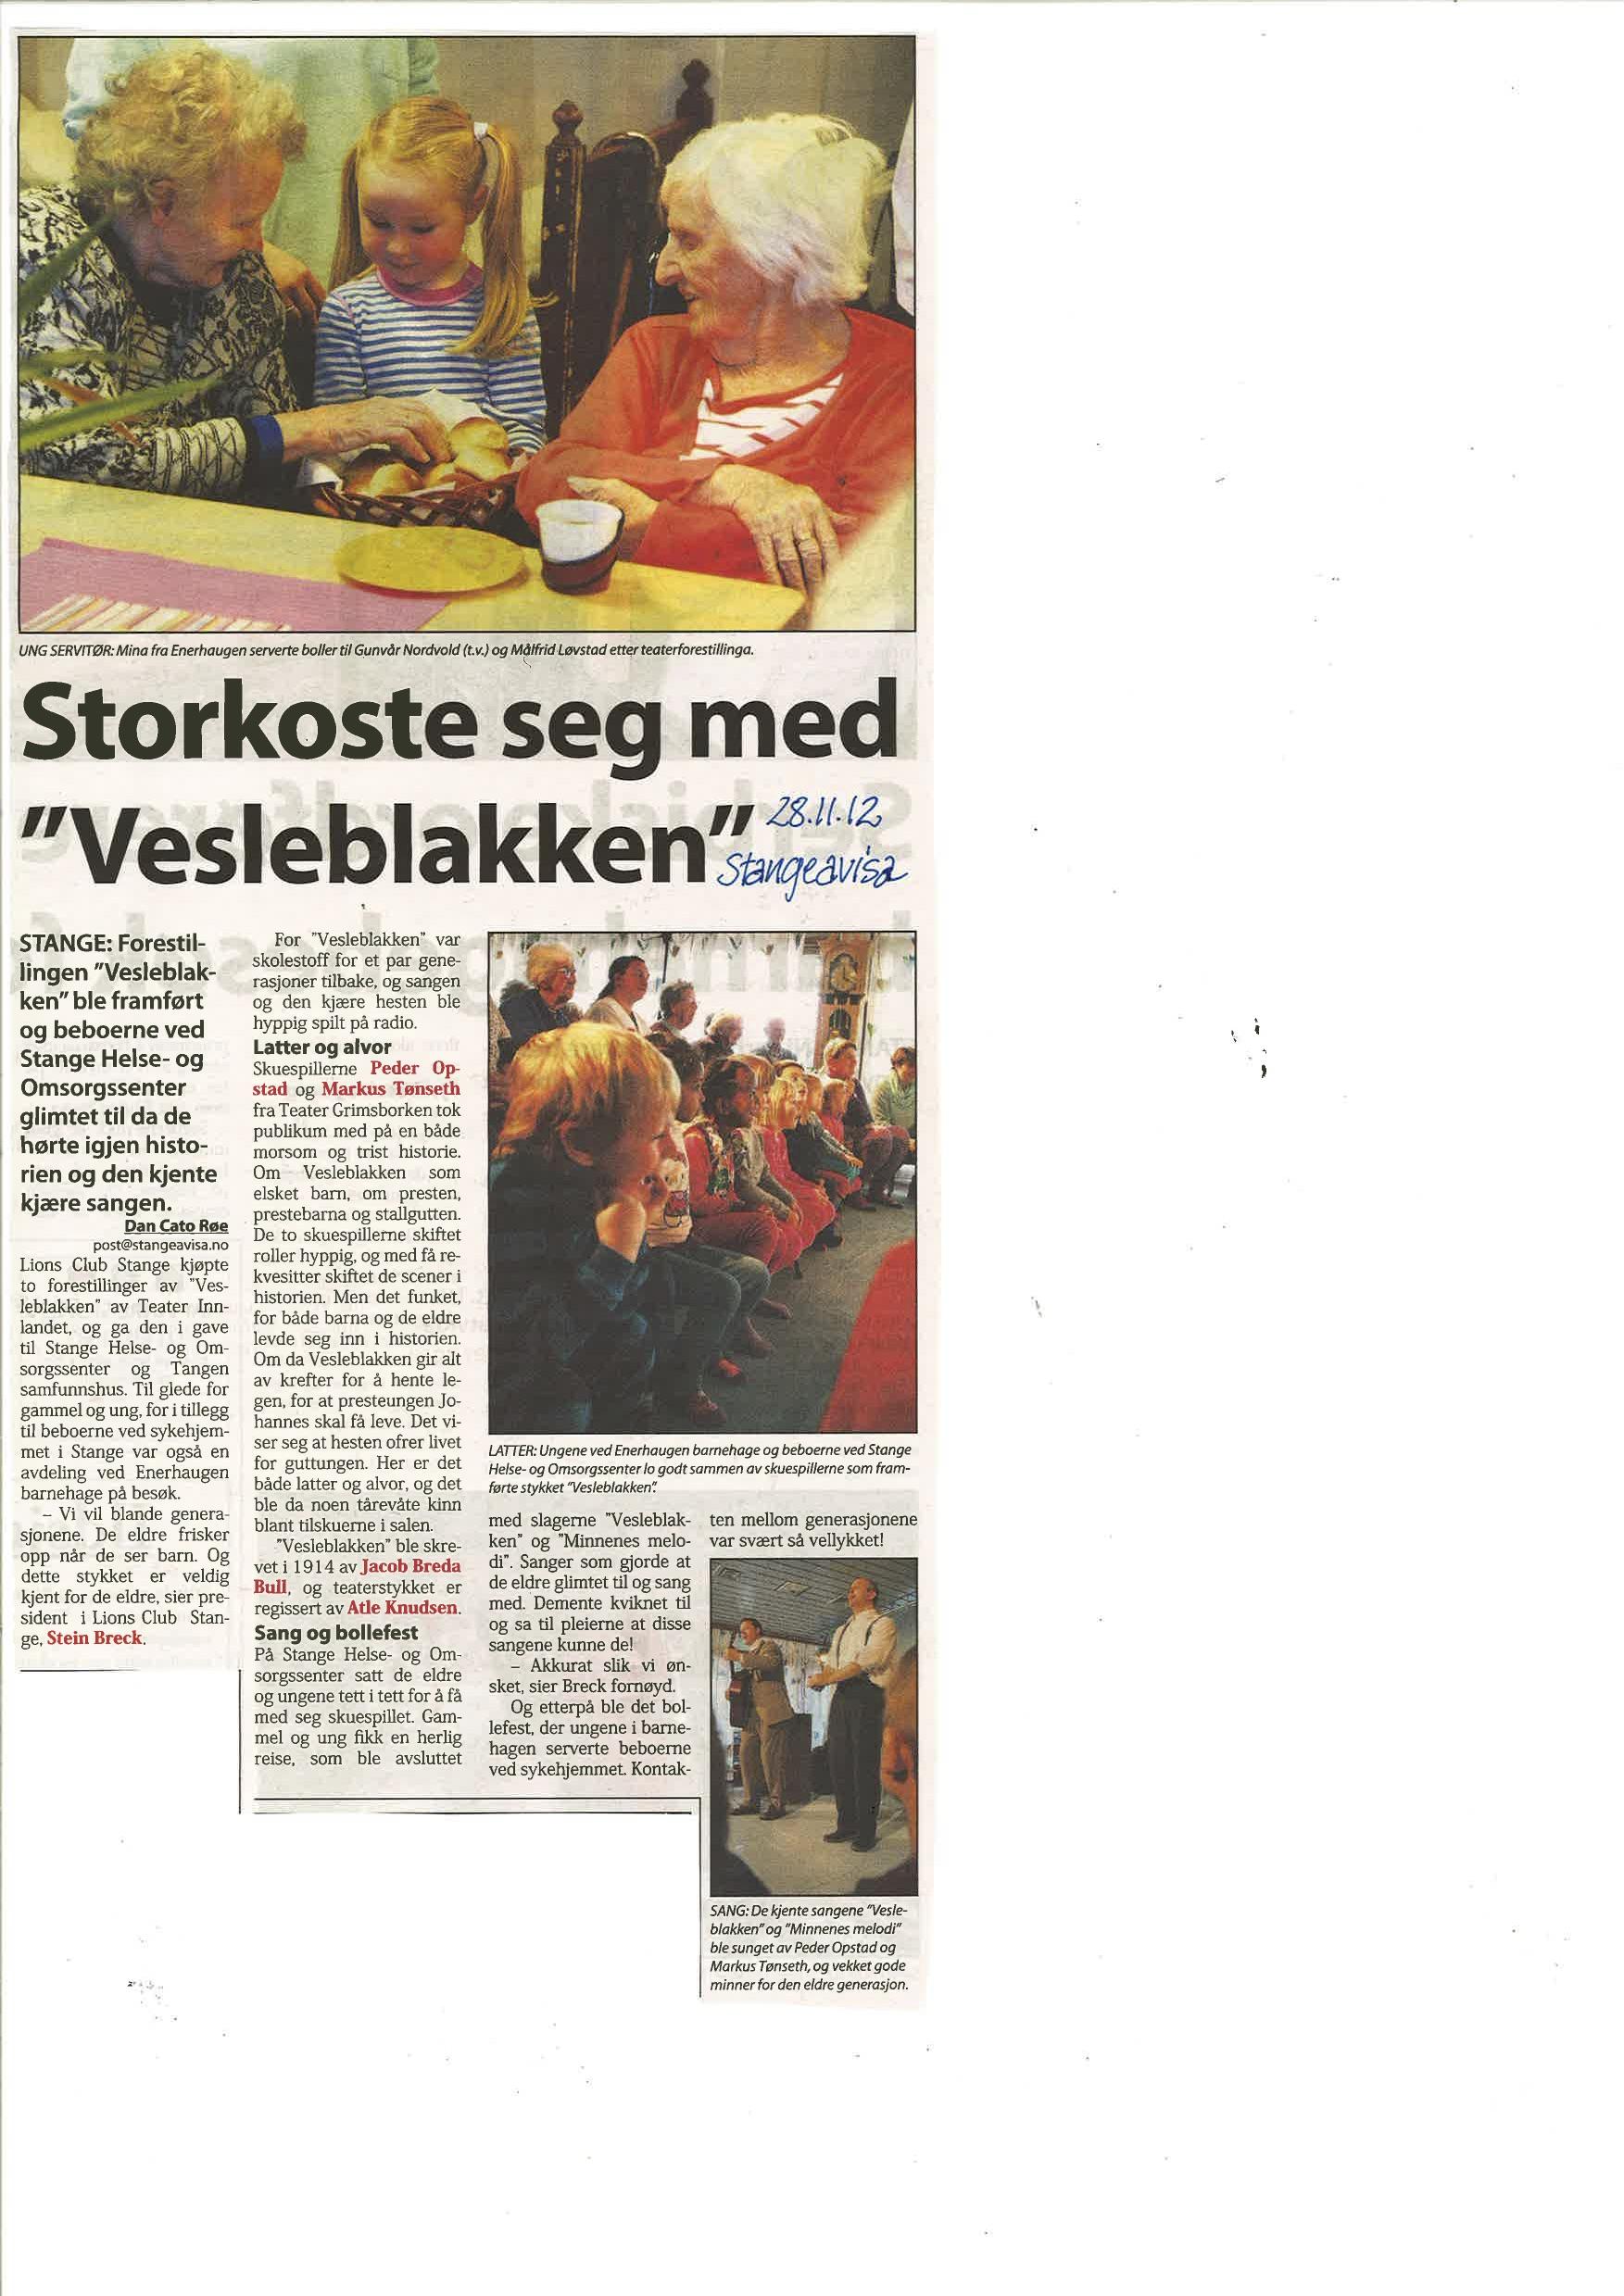 Nov 28 2012 Stangeavisa.jpg